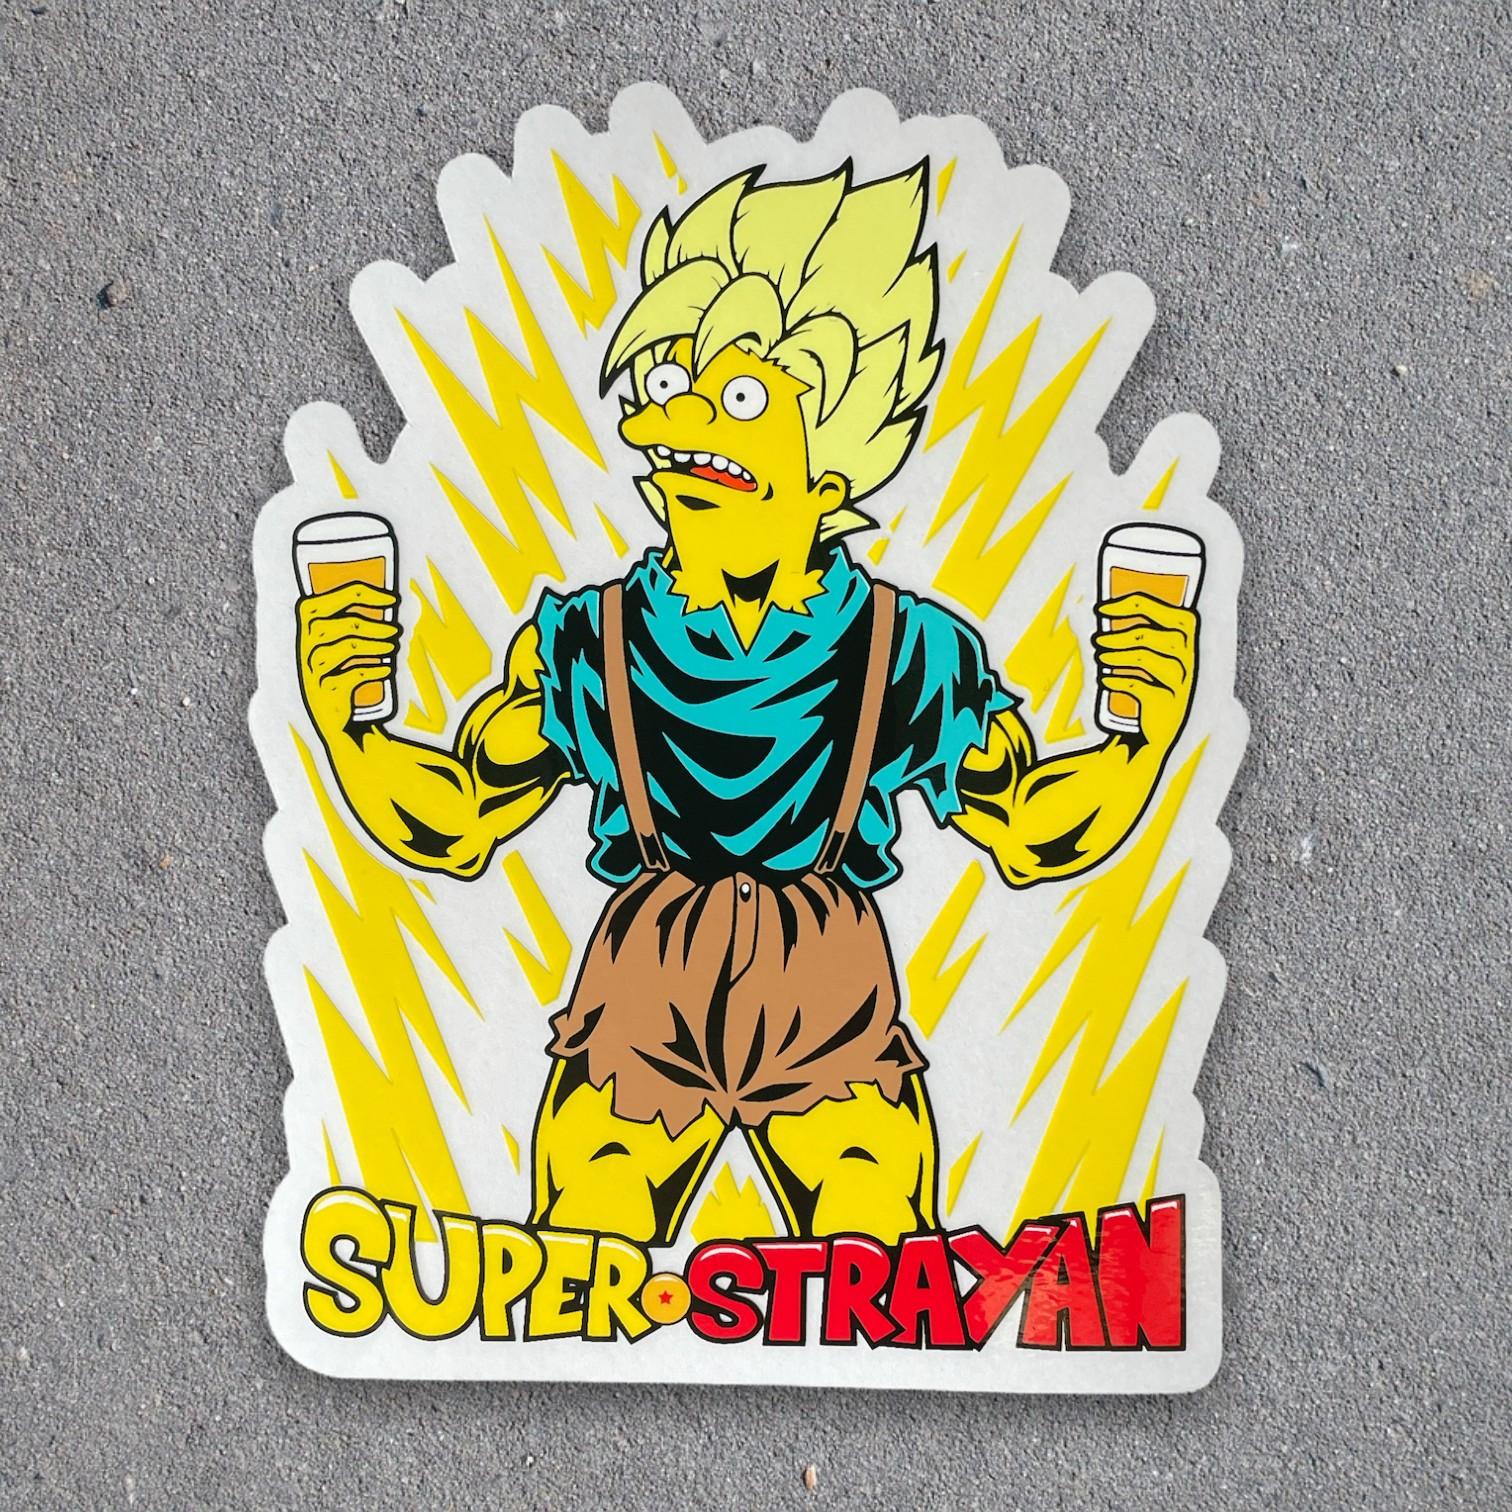 SUPER STRAYAN DIE CUT STICKER